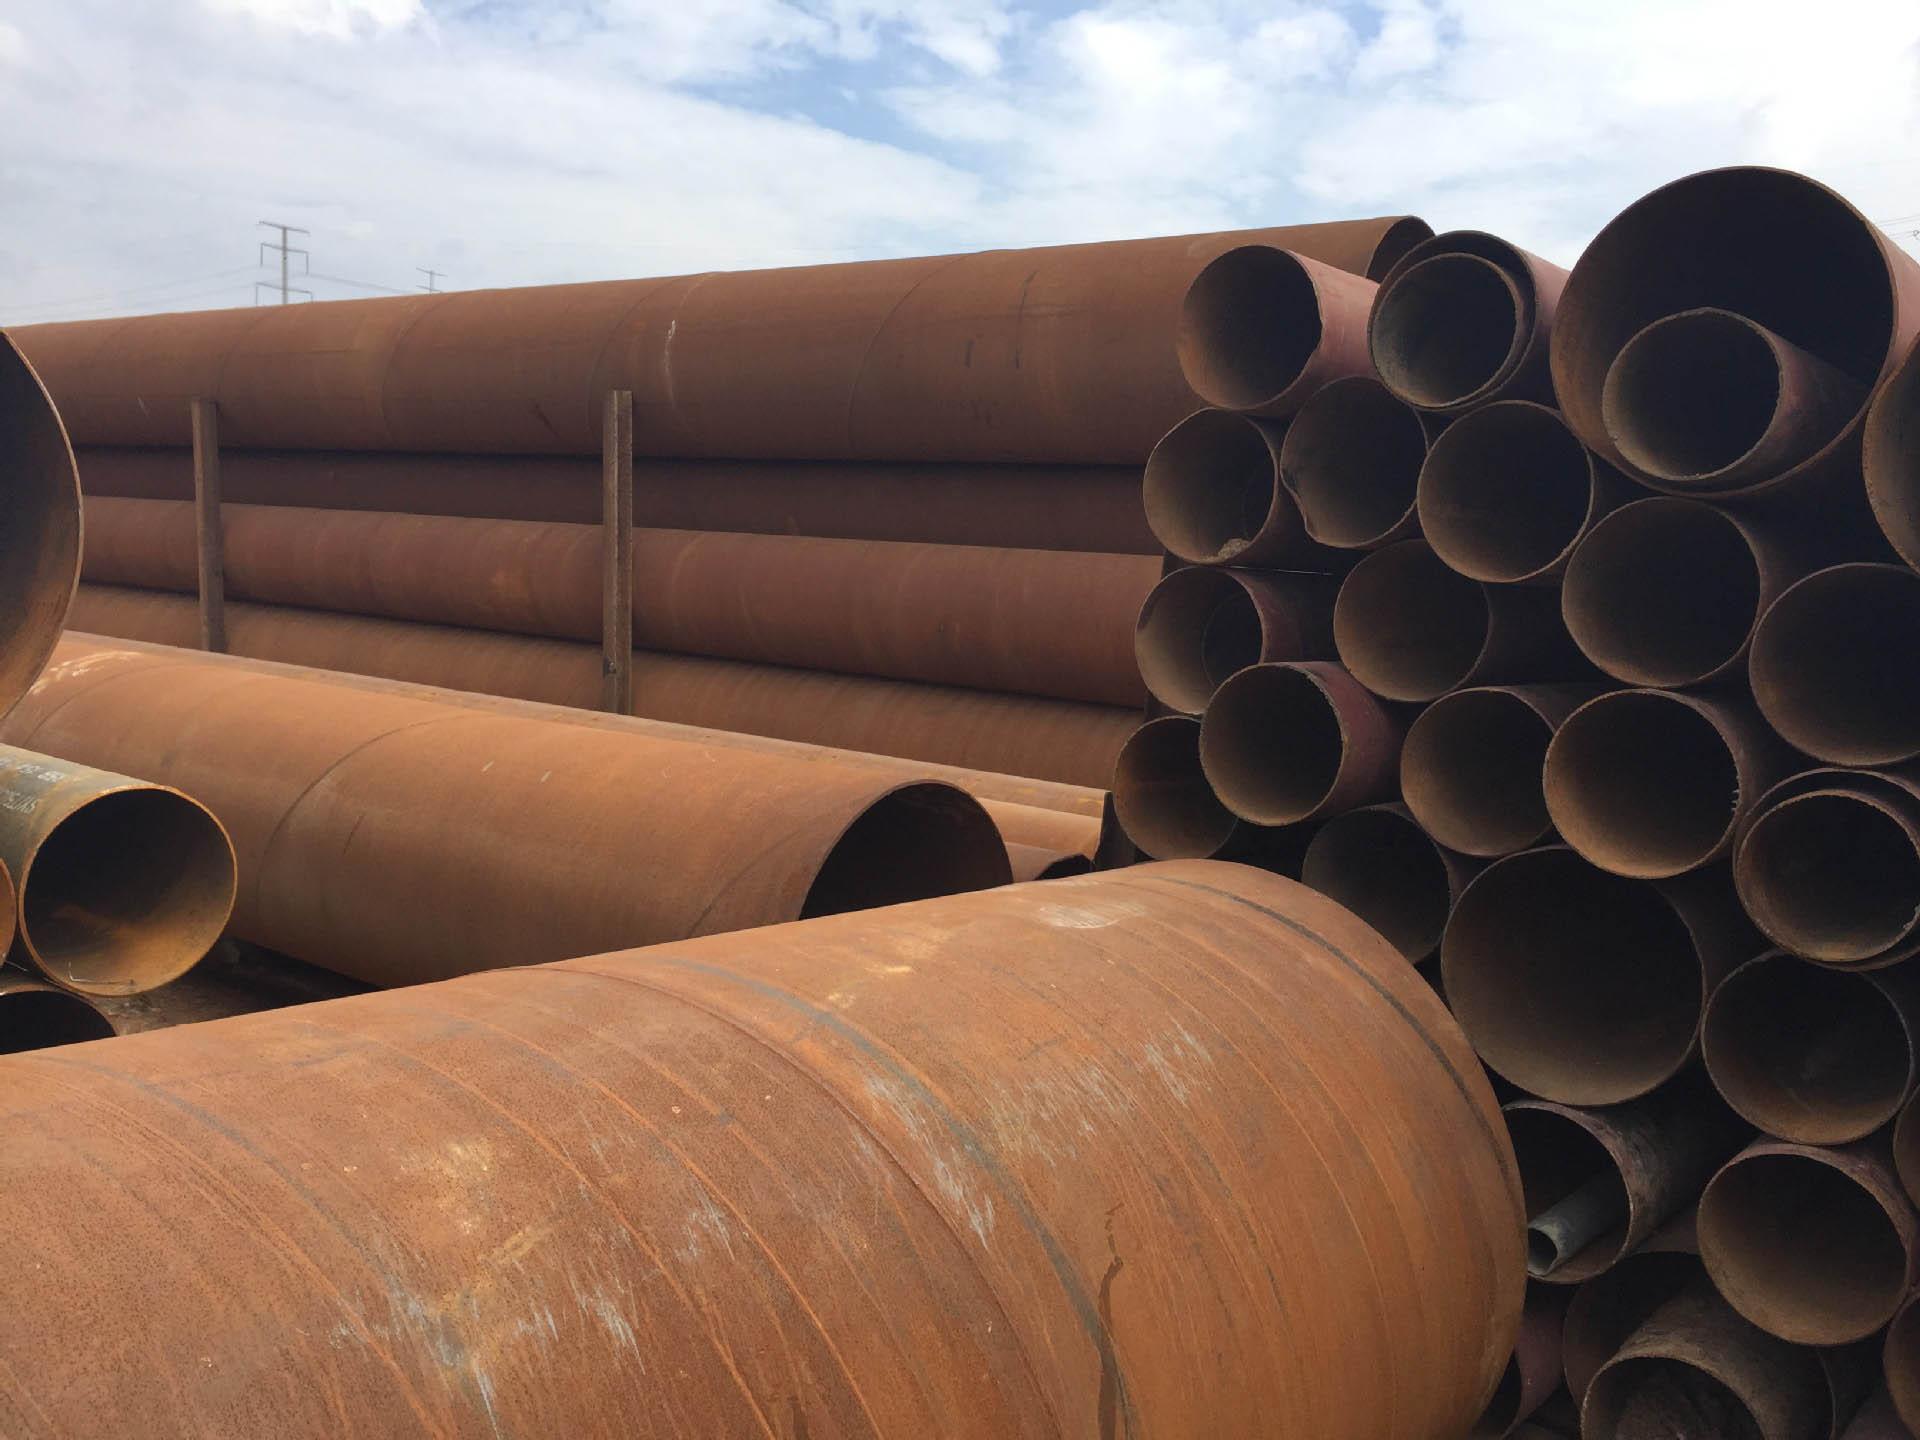 四川螺旋钢管厂家浅谈螺旋钢管的生产质量